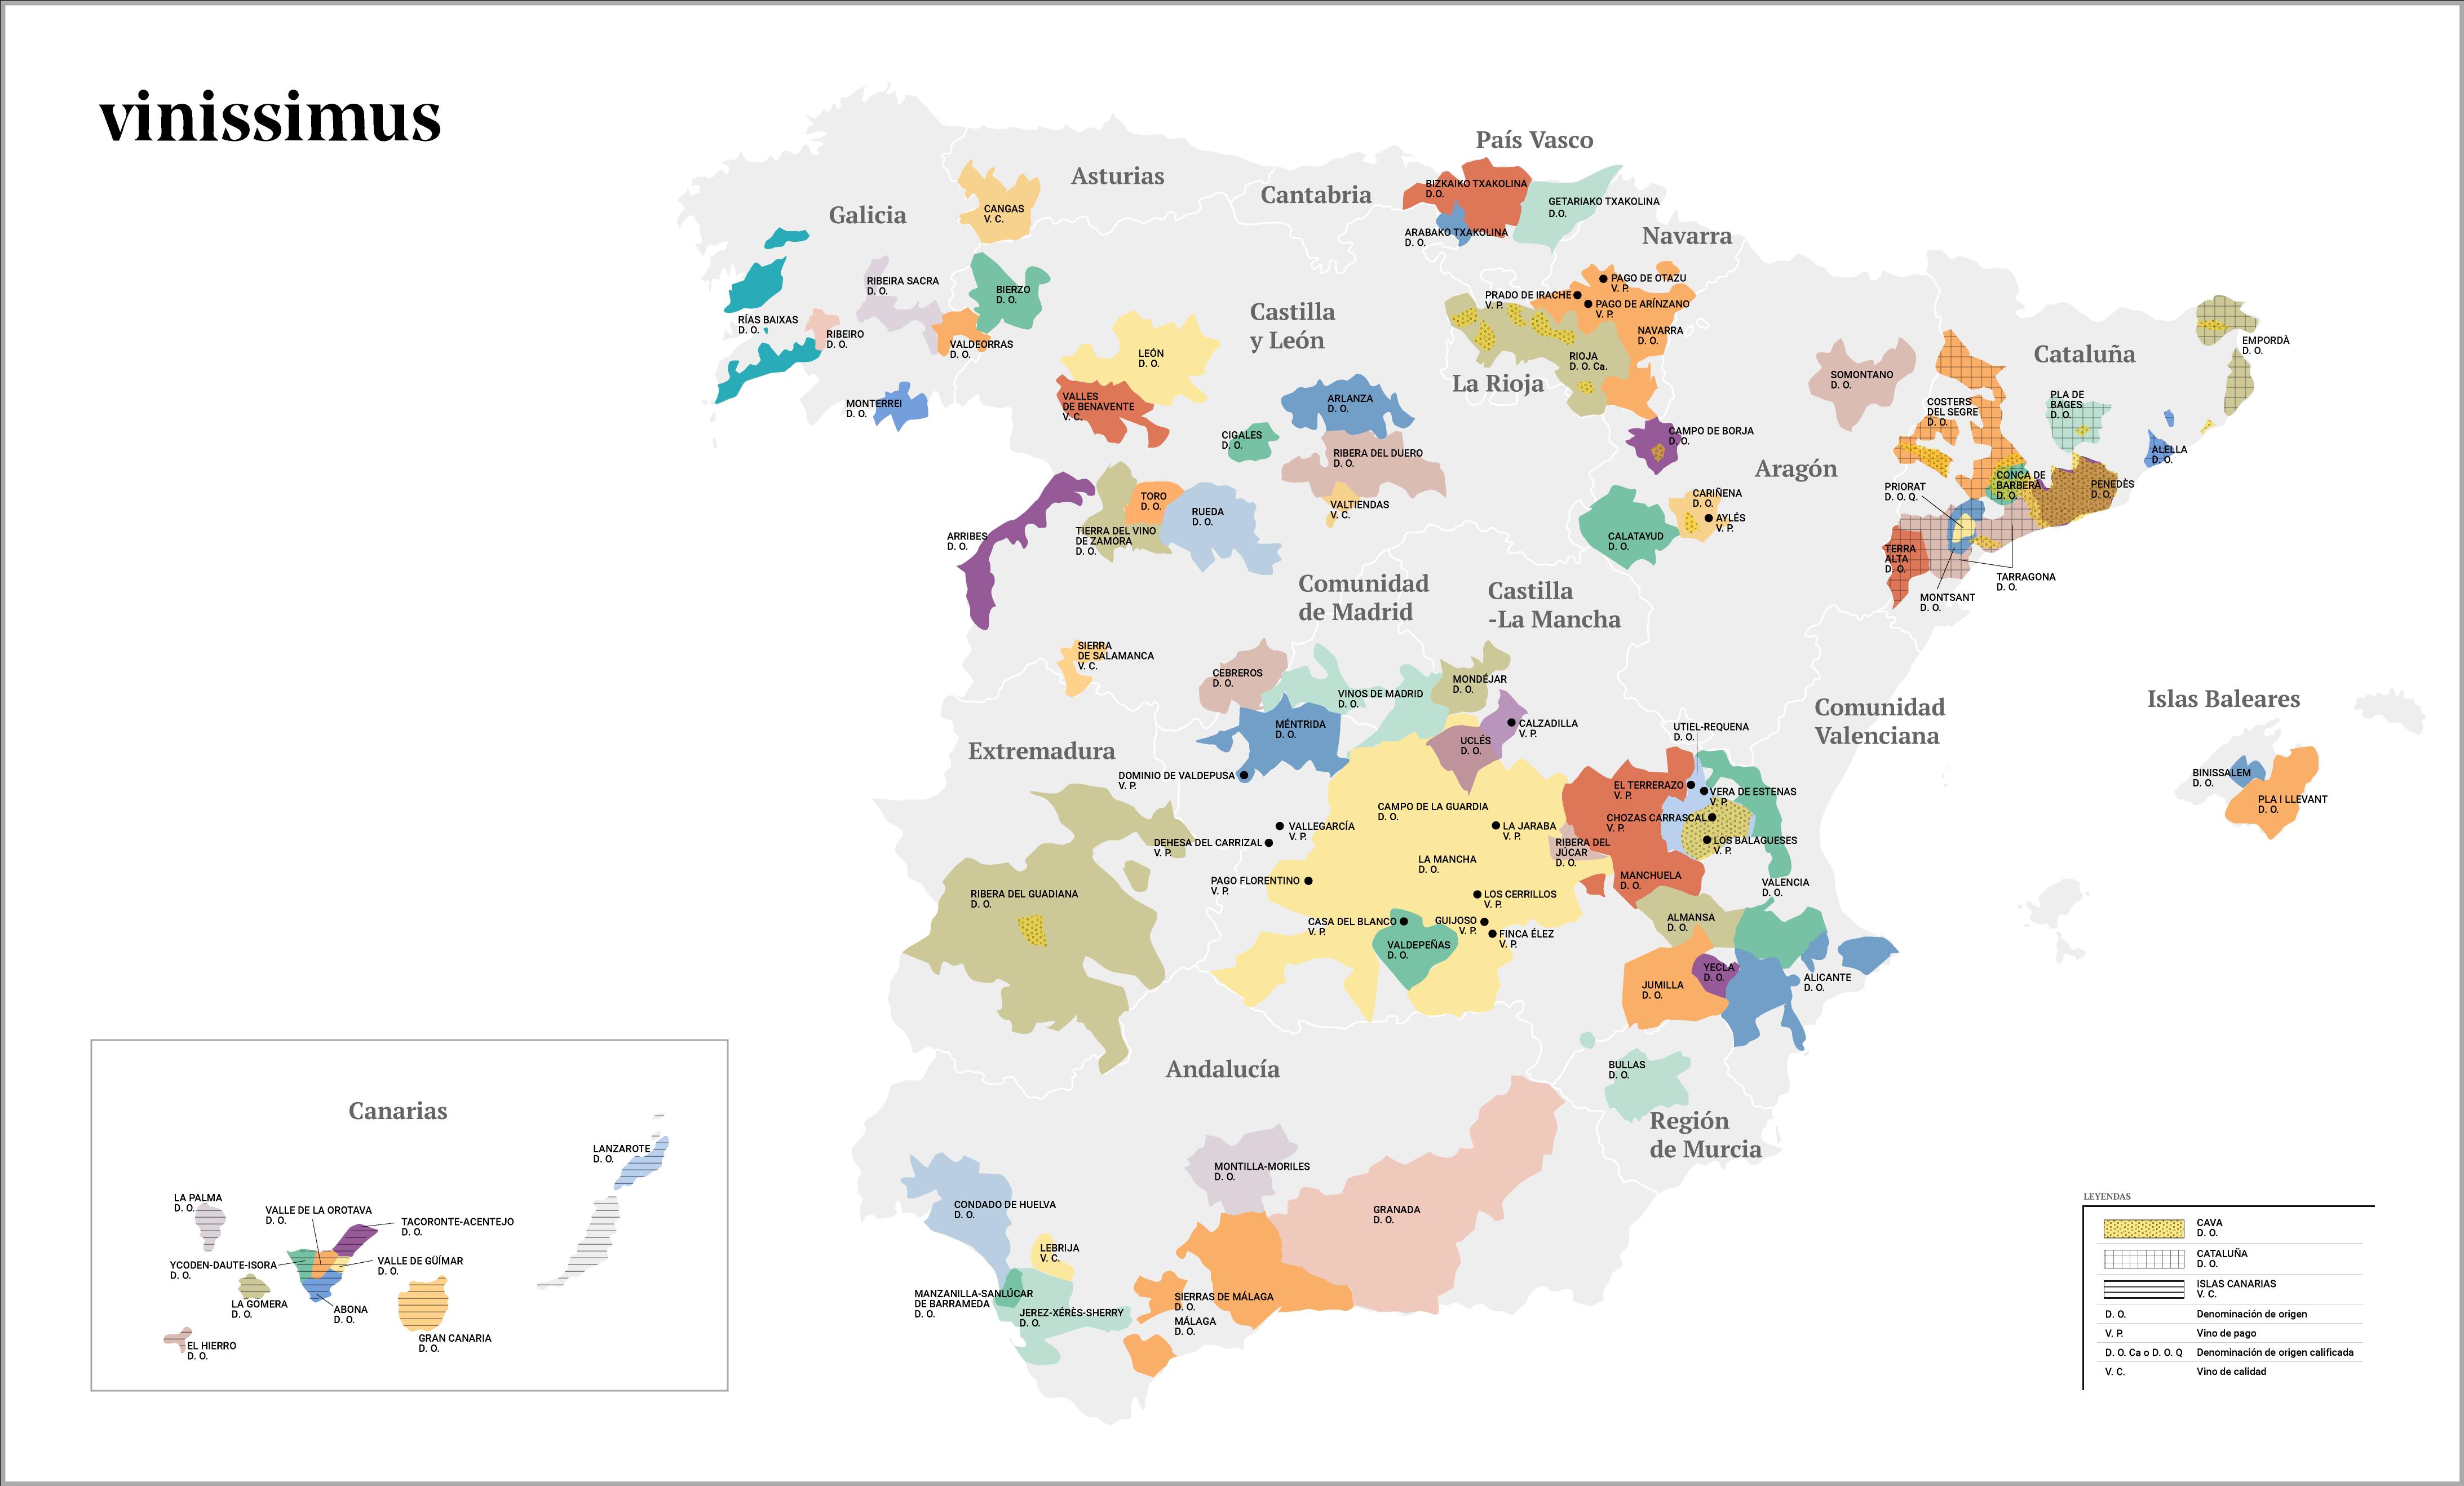 Mapa de las denominaciones de origen de España